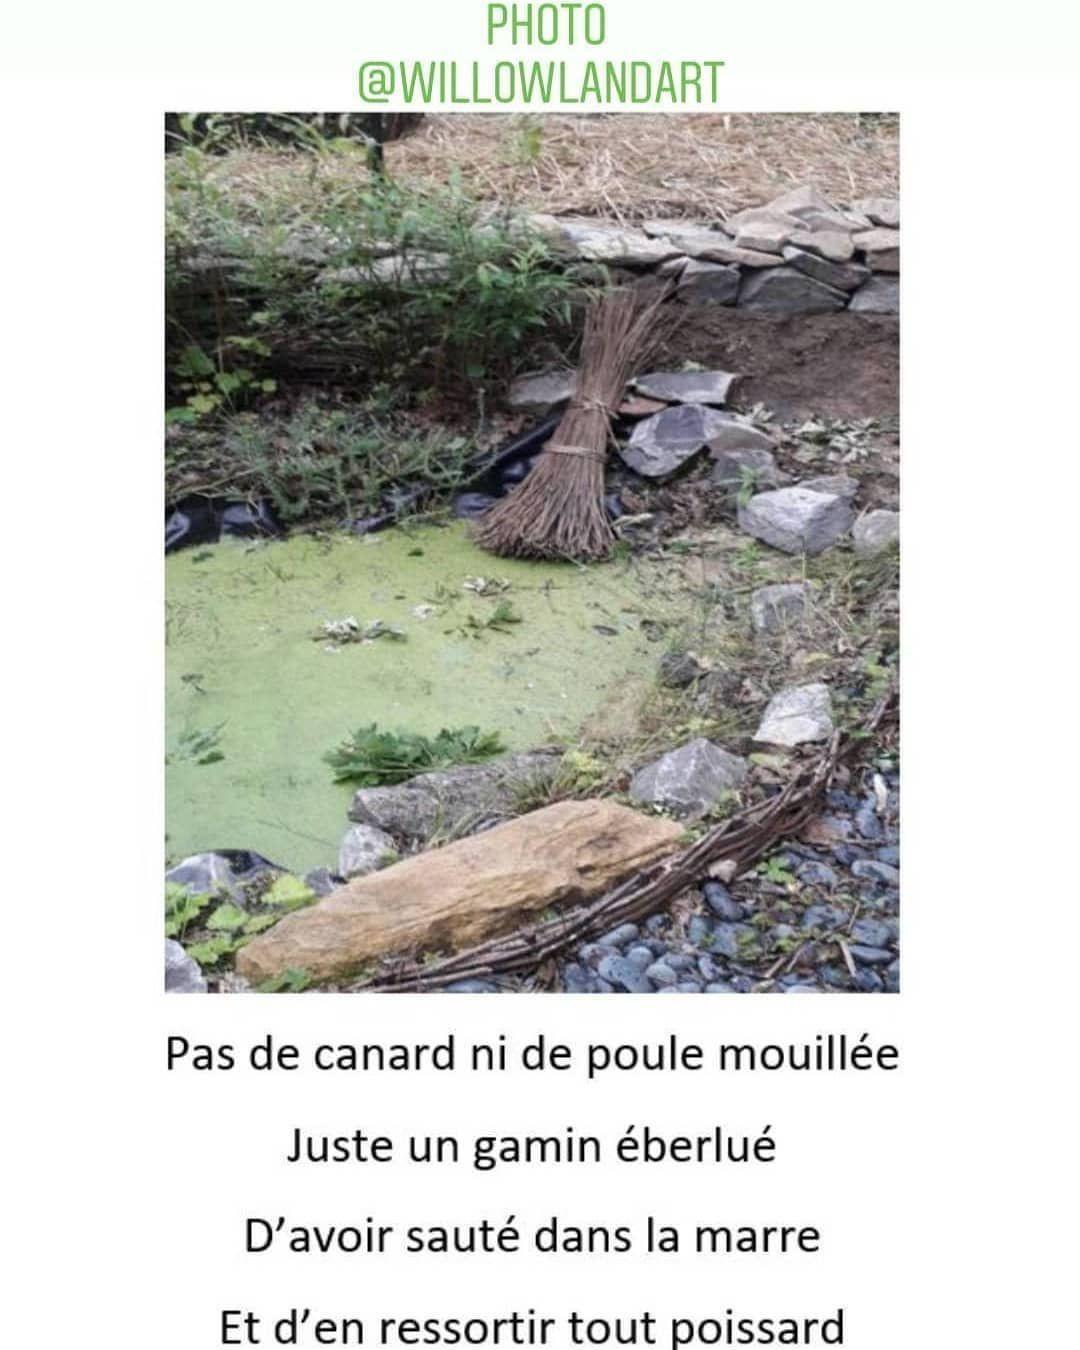 #poeme #prose #poésie #picturenature #photo #paysage #jardin #garden #voyage #pause #picture #decor #etang